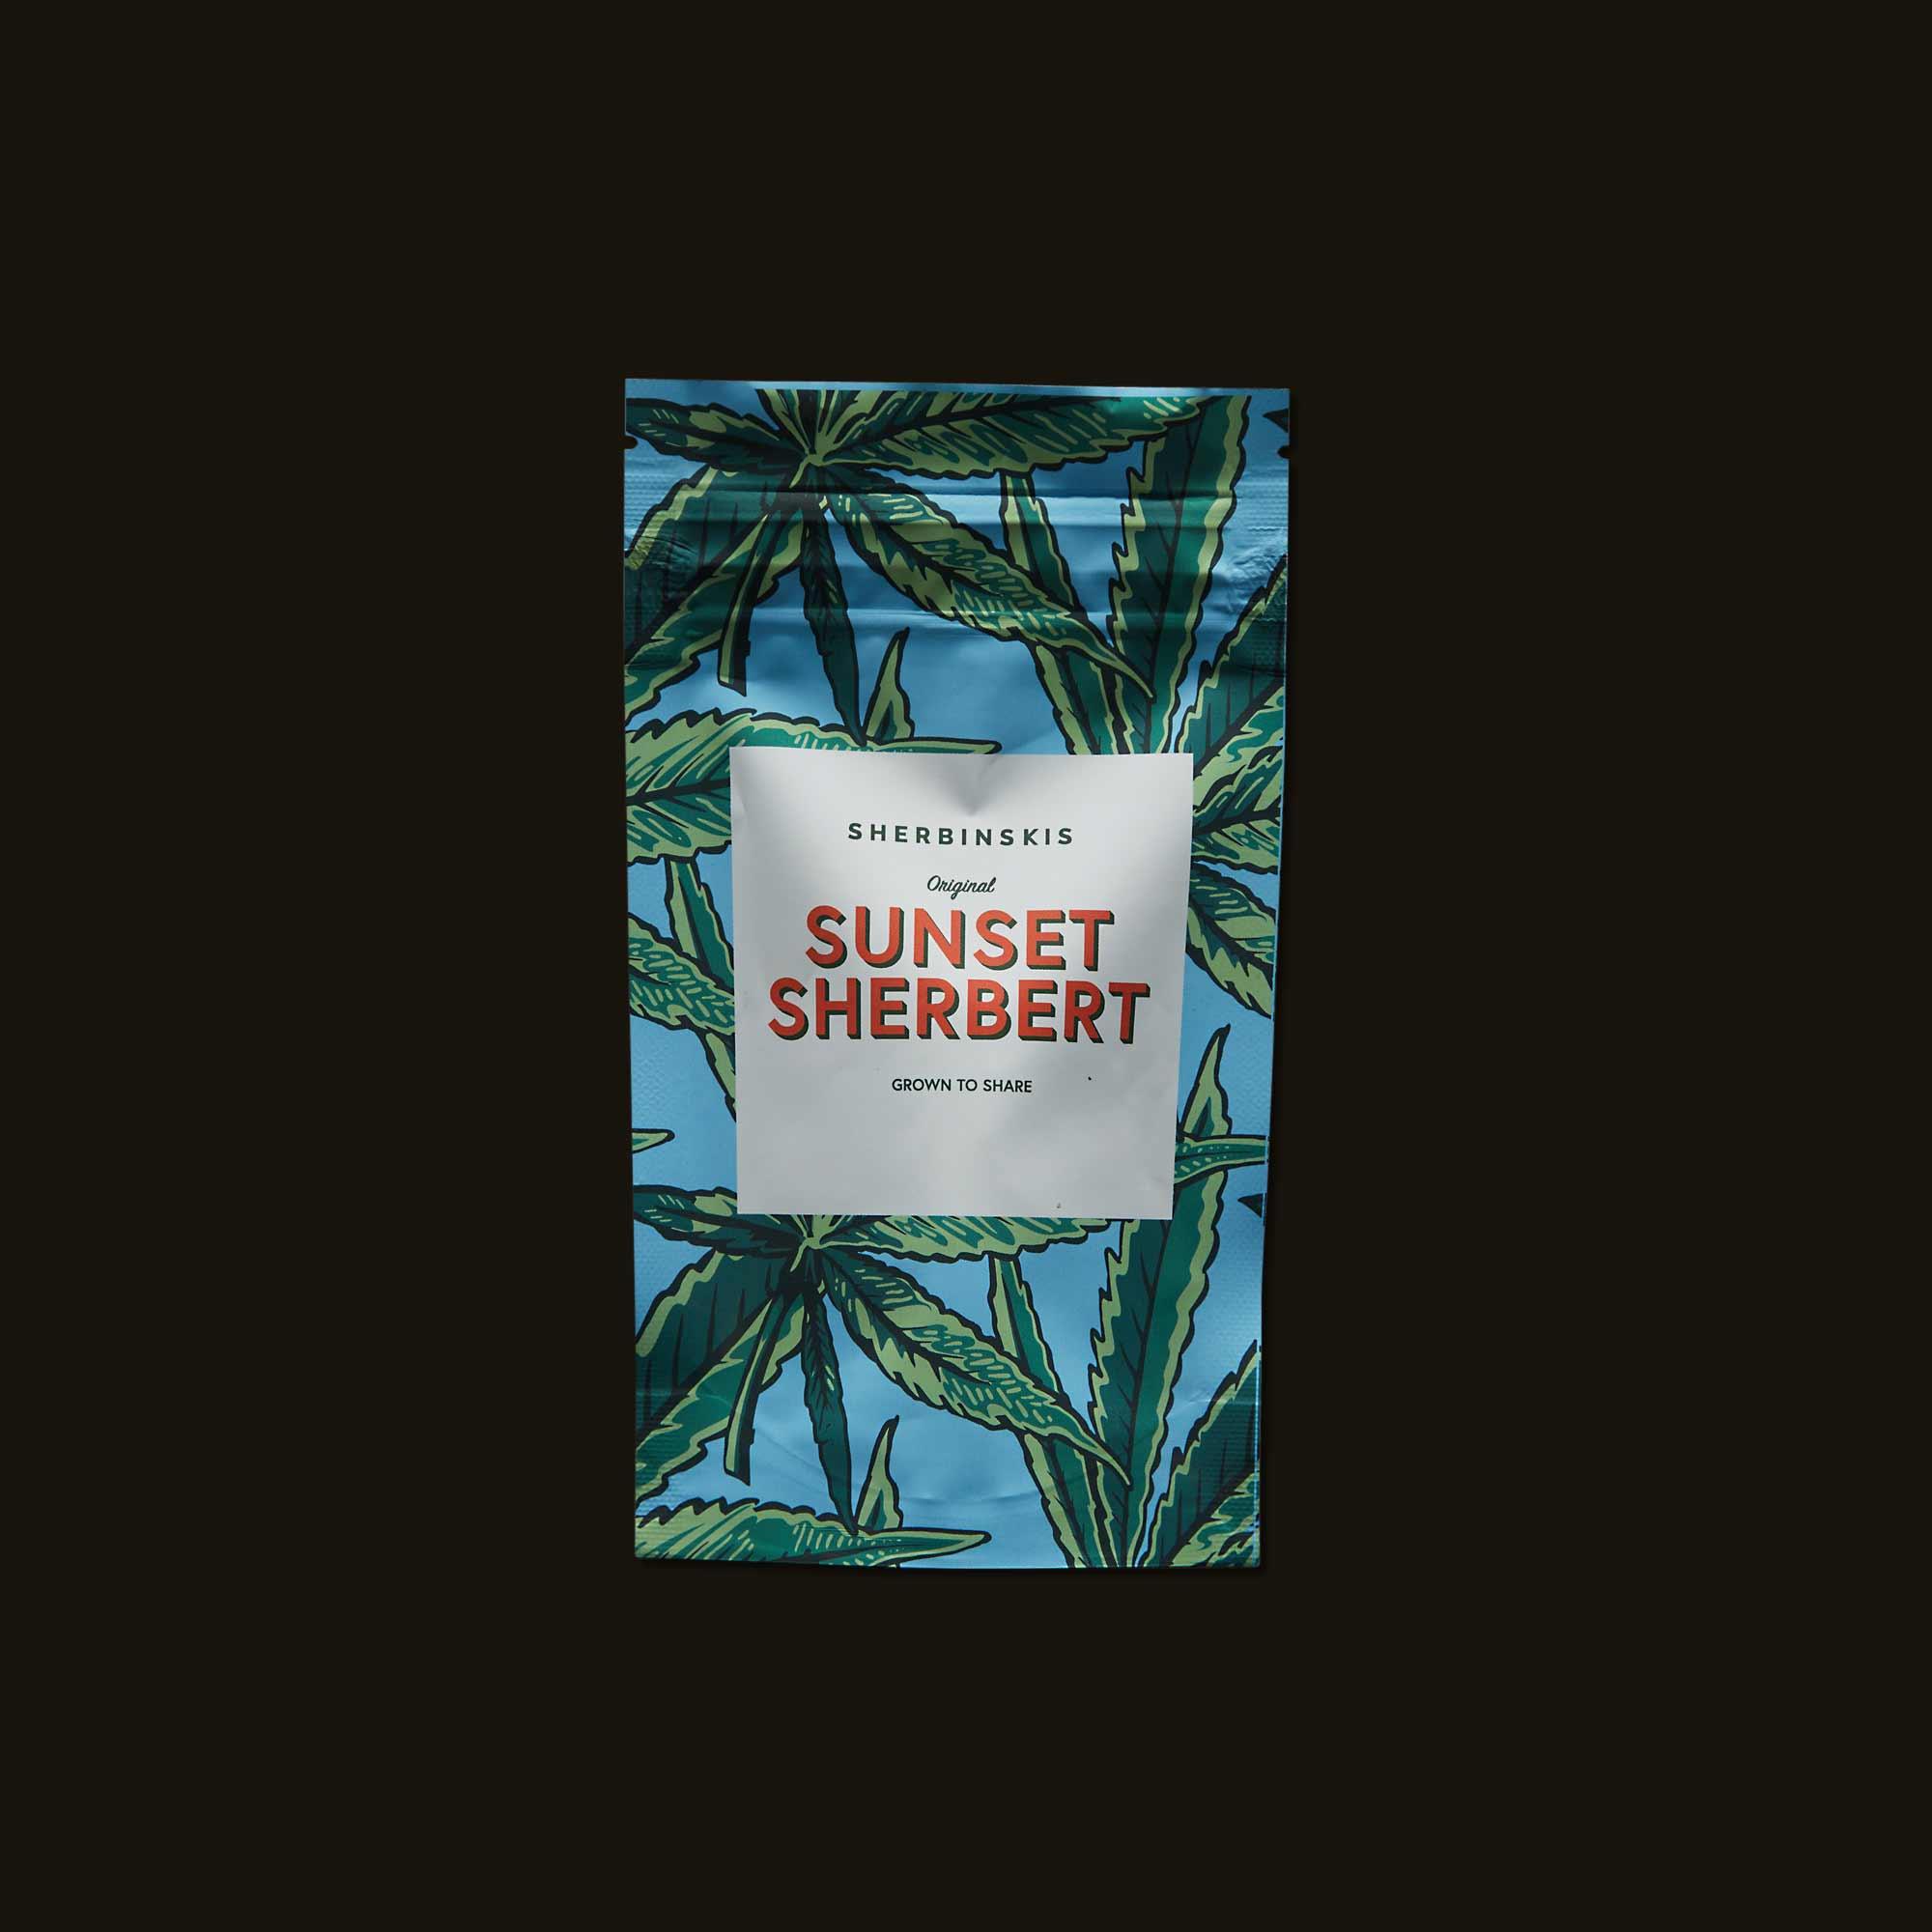 Sherbinskis Sunset Sherbert